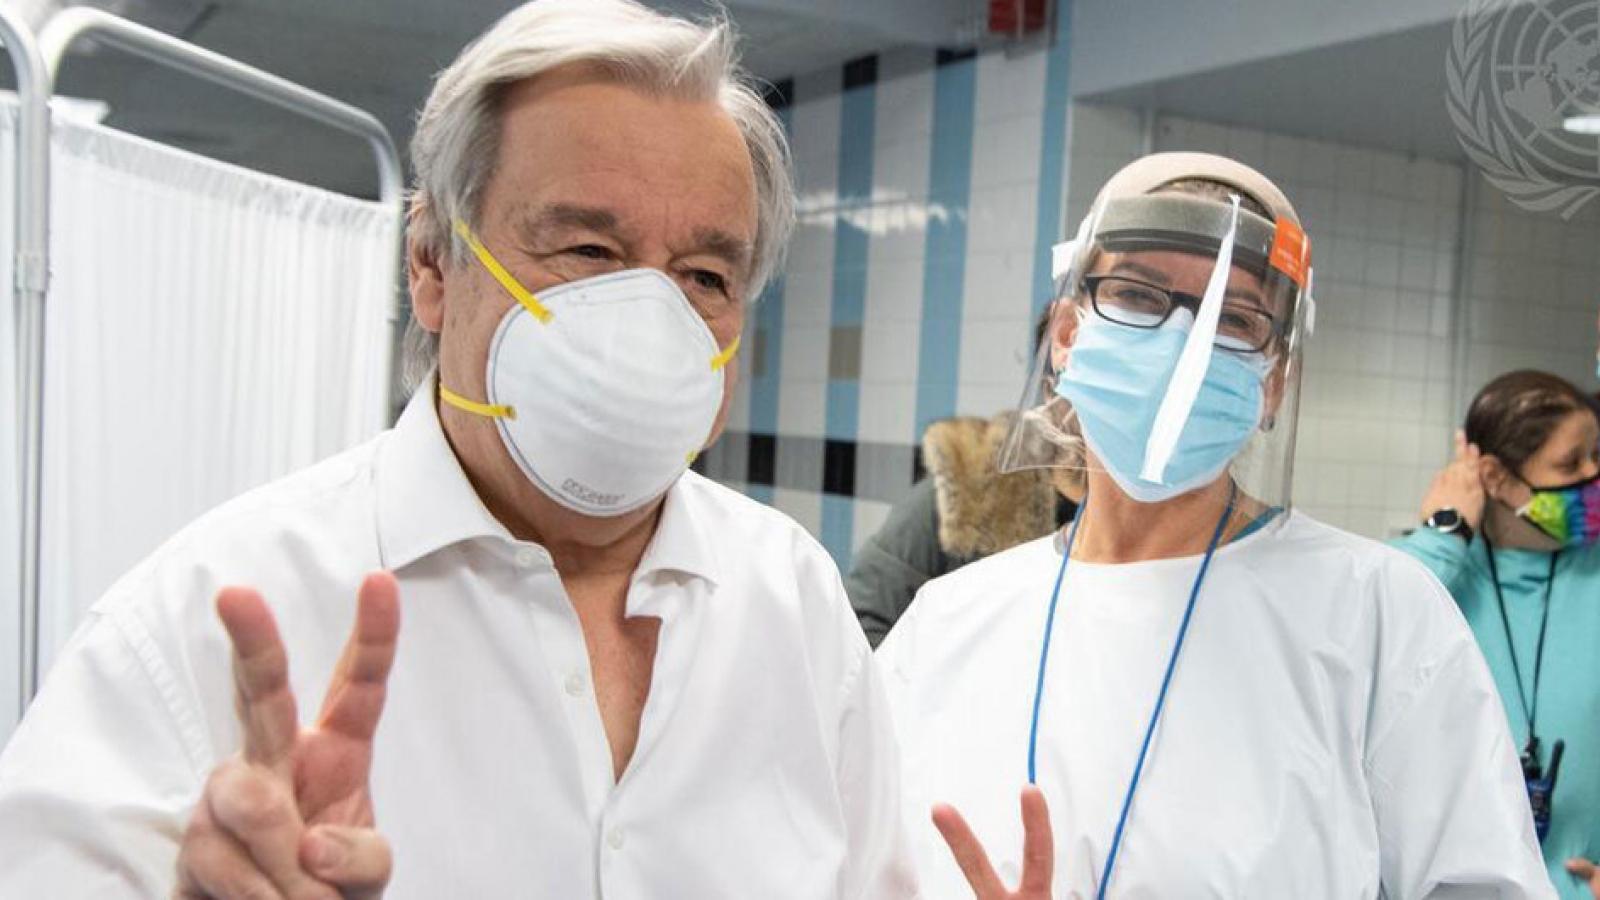 Video: Tổng Thư ký Liên Hợp Quốc Guterres tiêm vaccine ngừa Covid-19